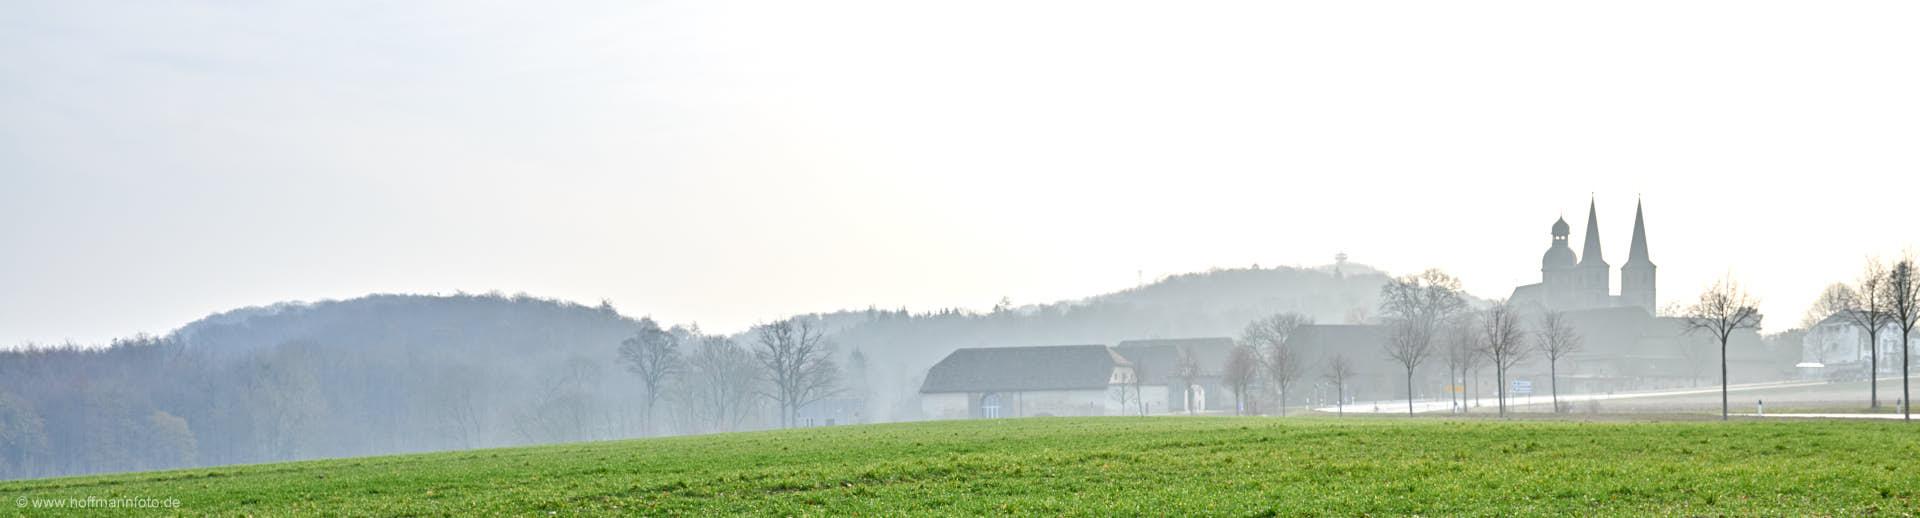 Heimatbilder, aus der Serie OWL Skyline,  © Foto: Ansgar Hoffmann